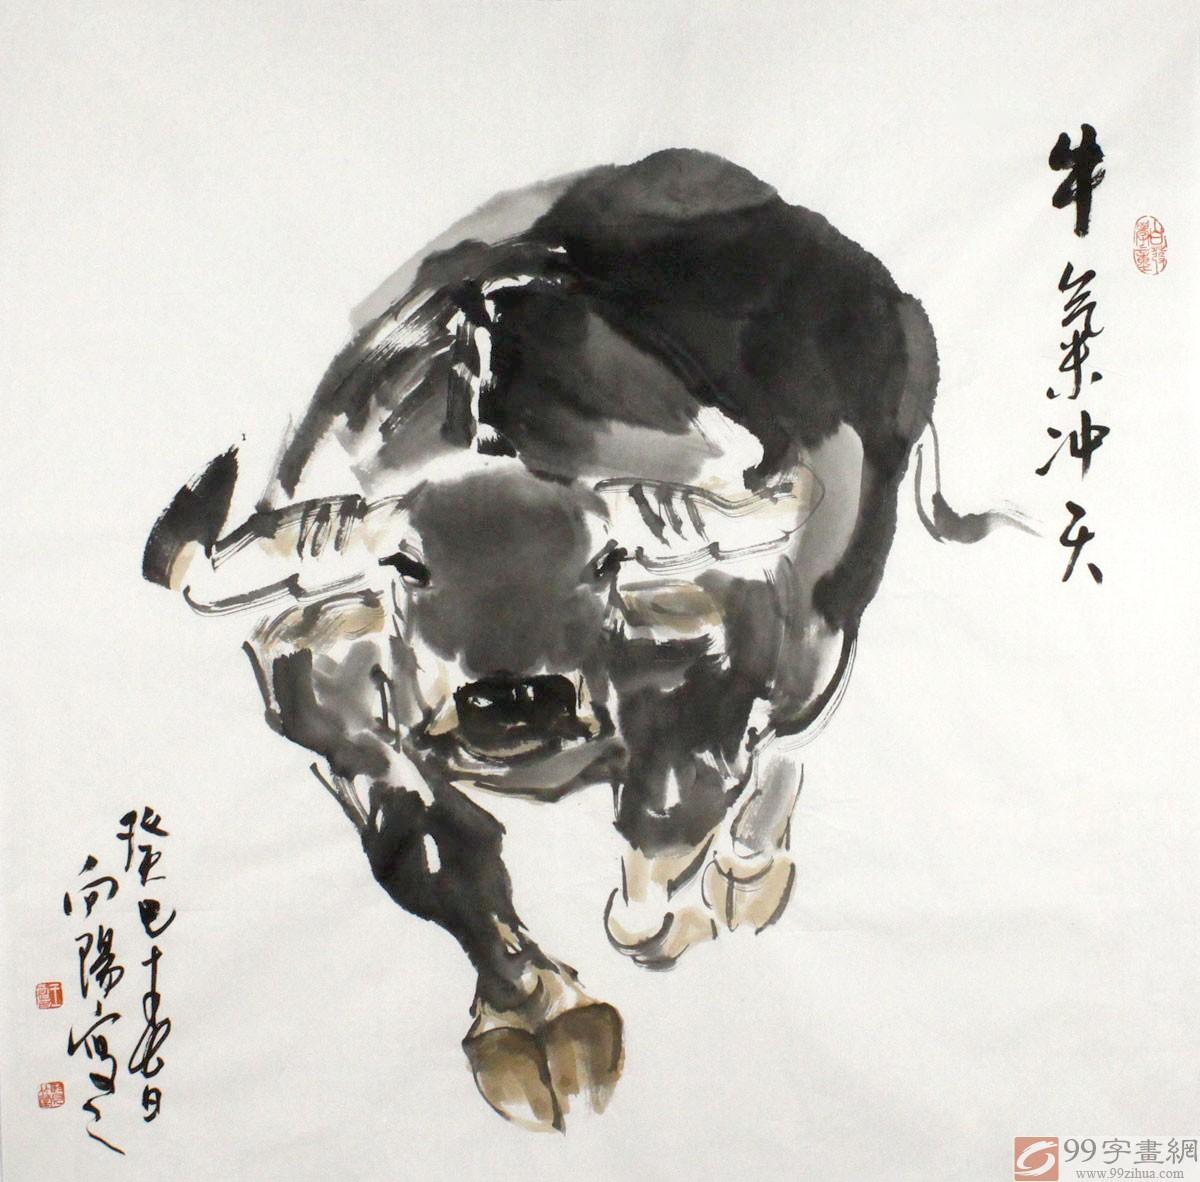 牛的象征_王向阳工艺品招财牛图牛气冲天 - 国画牛 - 99字画网